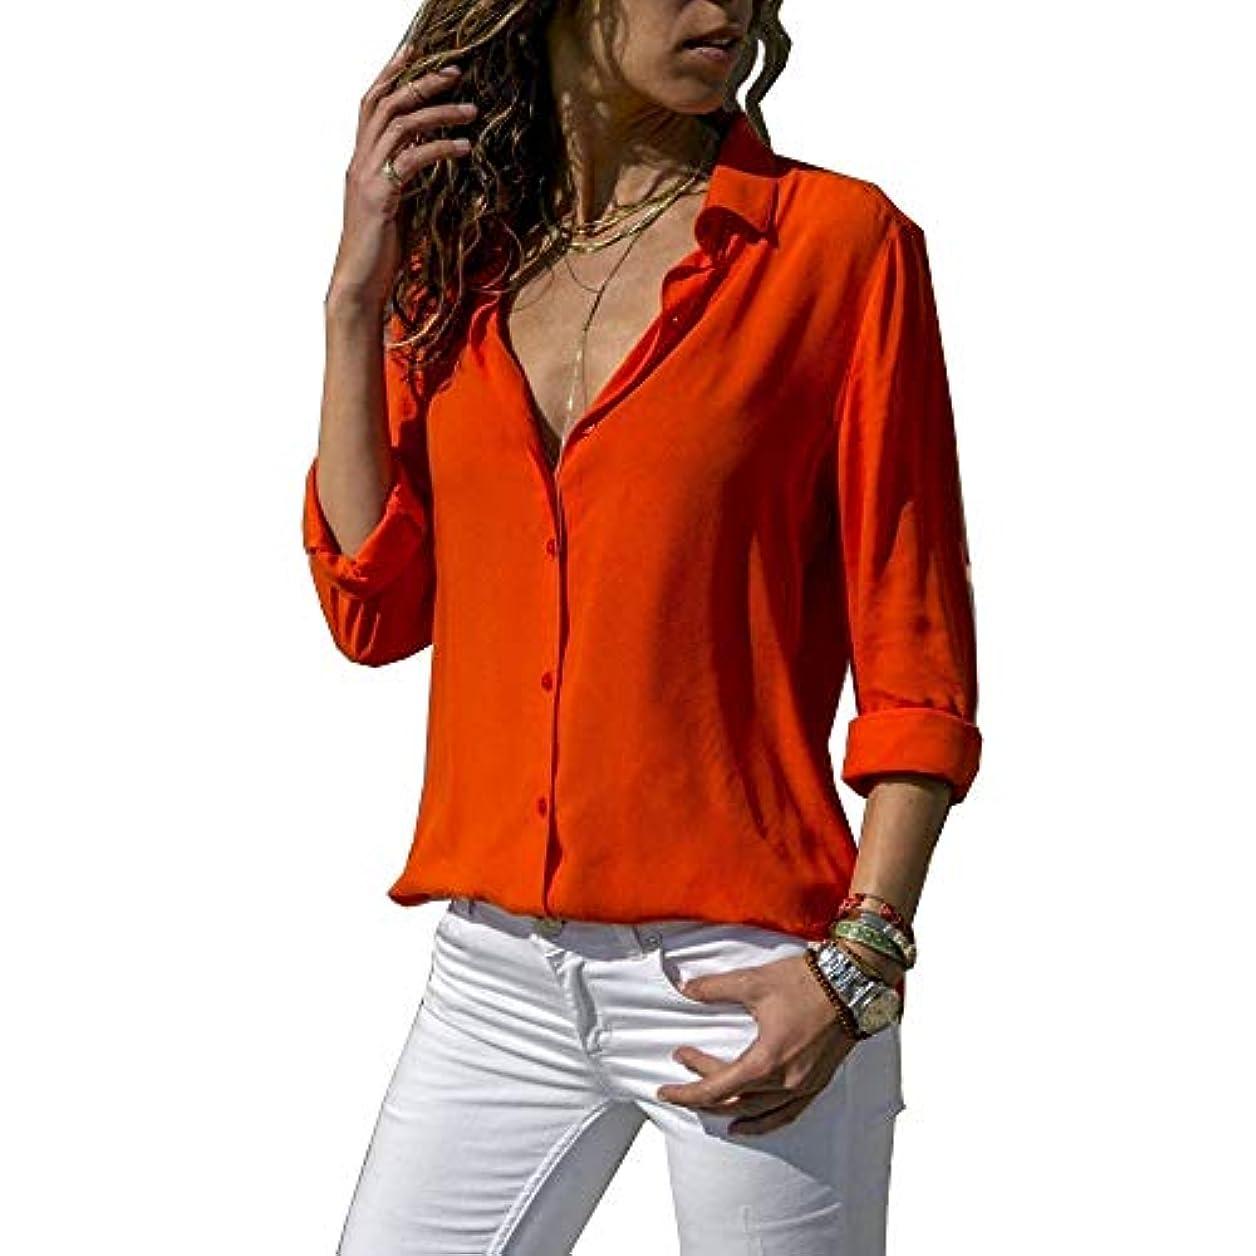 辞任重なる苦悩MIFAN ルーズシャツ、トップス&Tシャツ、プラスサイズ、トップス&ブラウス、シフォンブラウス、女性トップス、シフォンシャツ